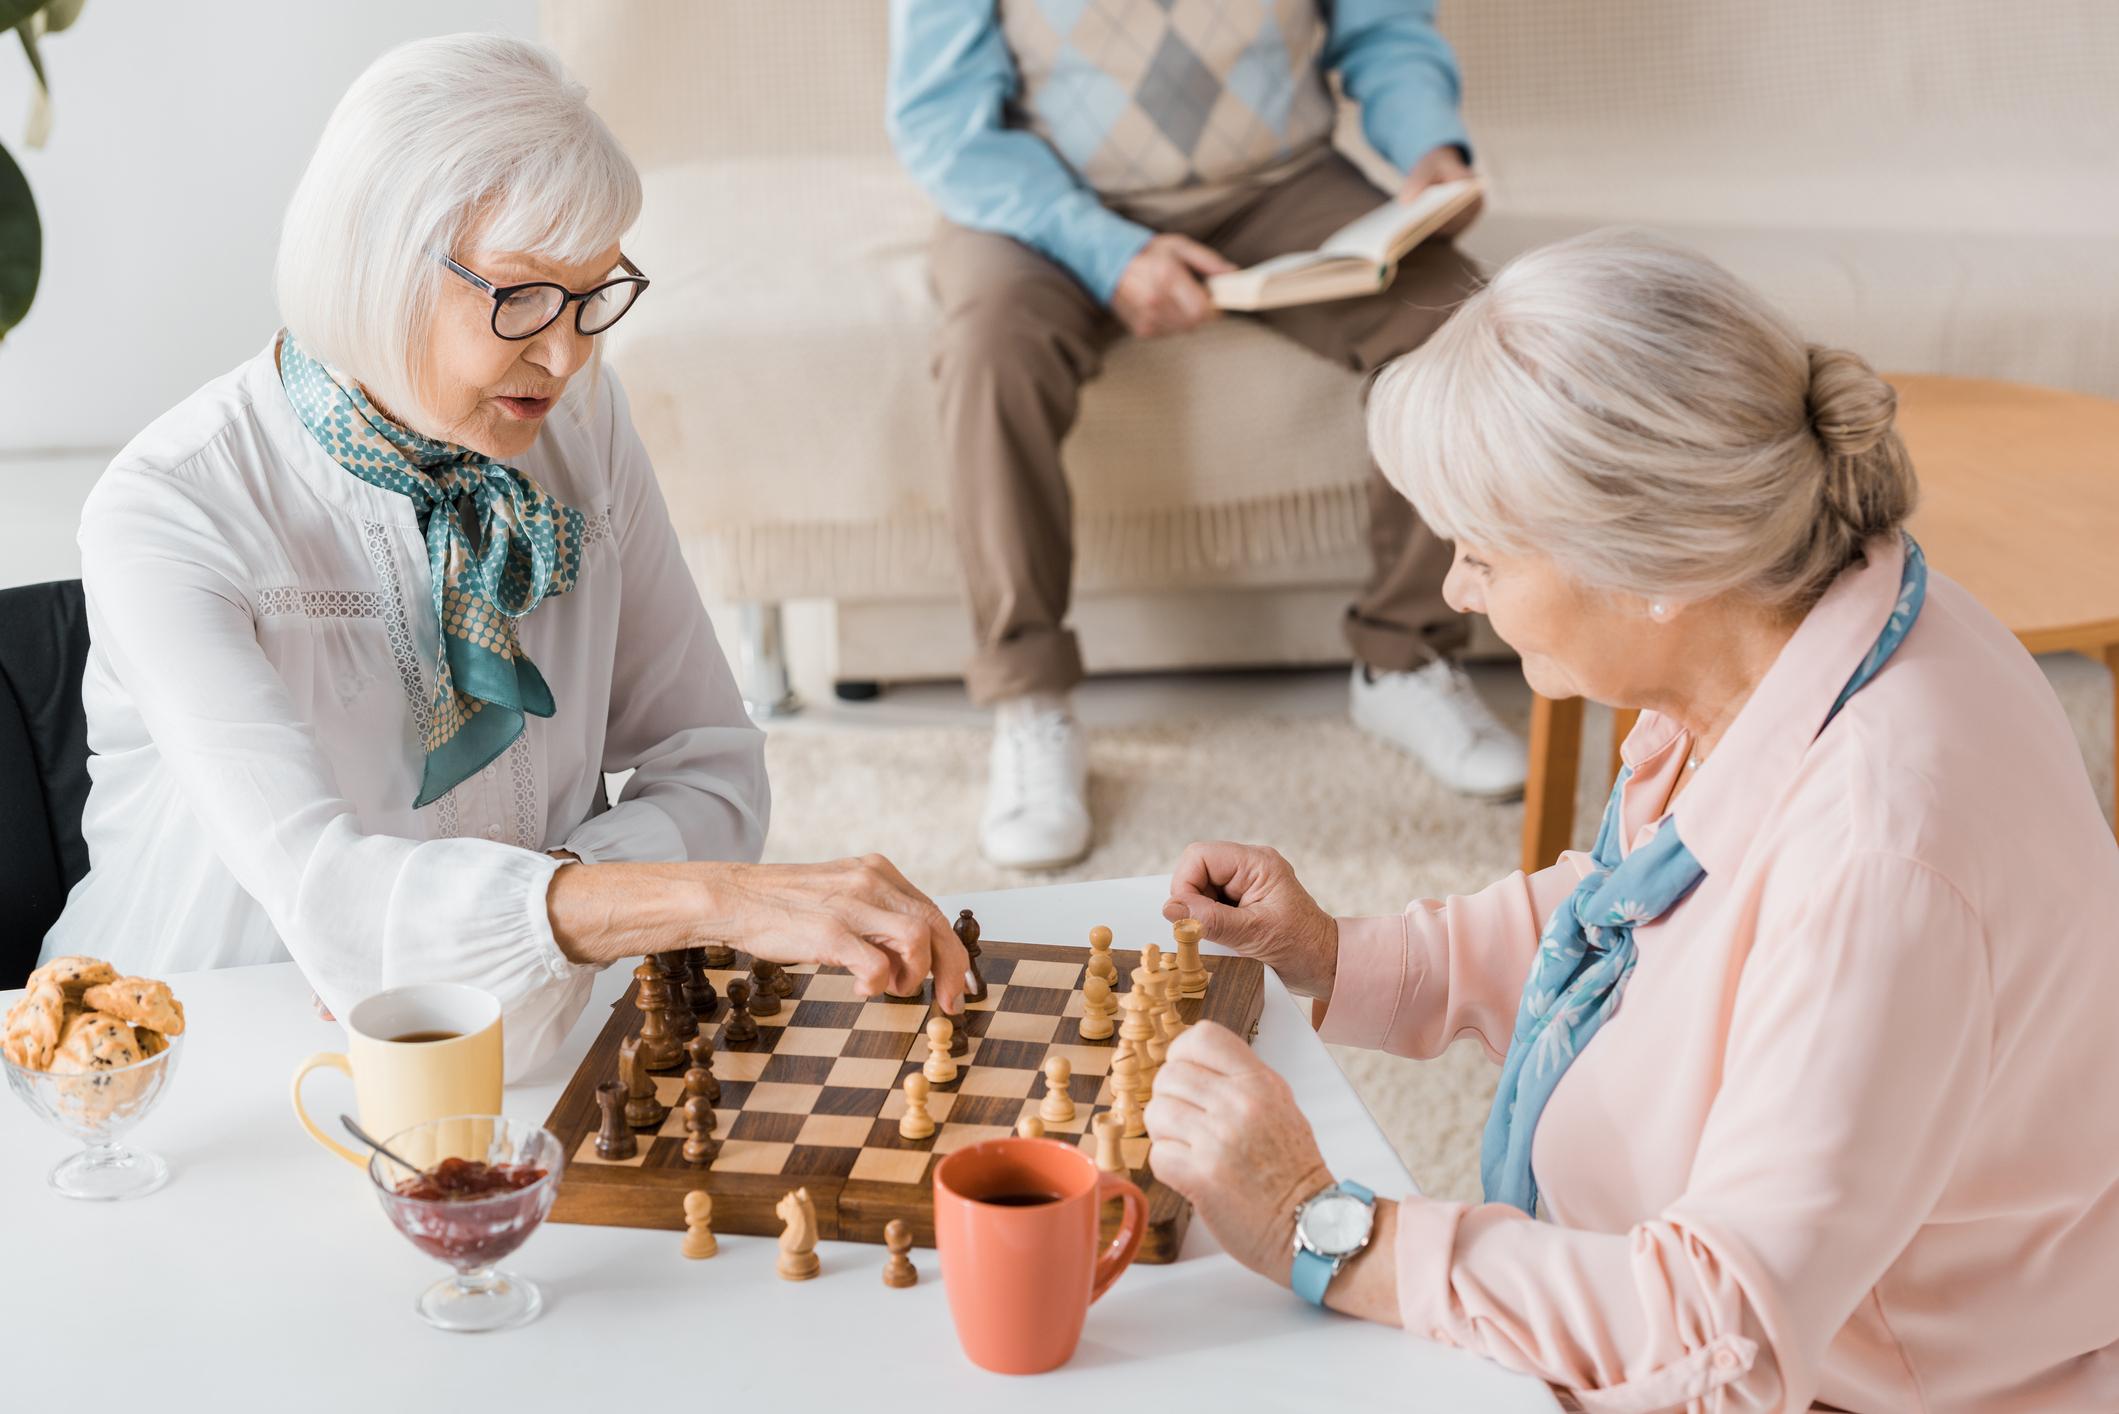 Dos adultos jugando ajedrez